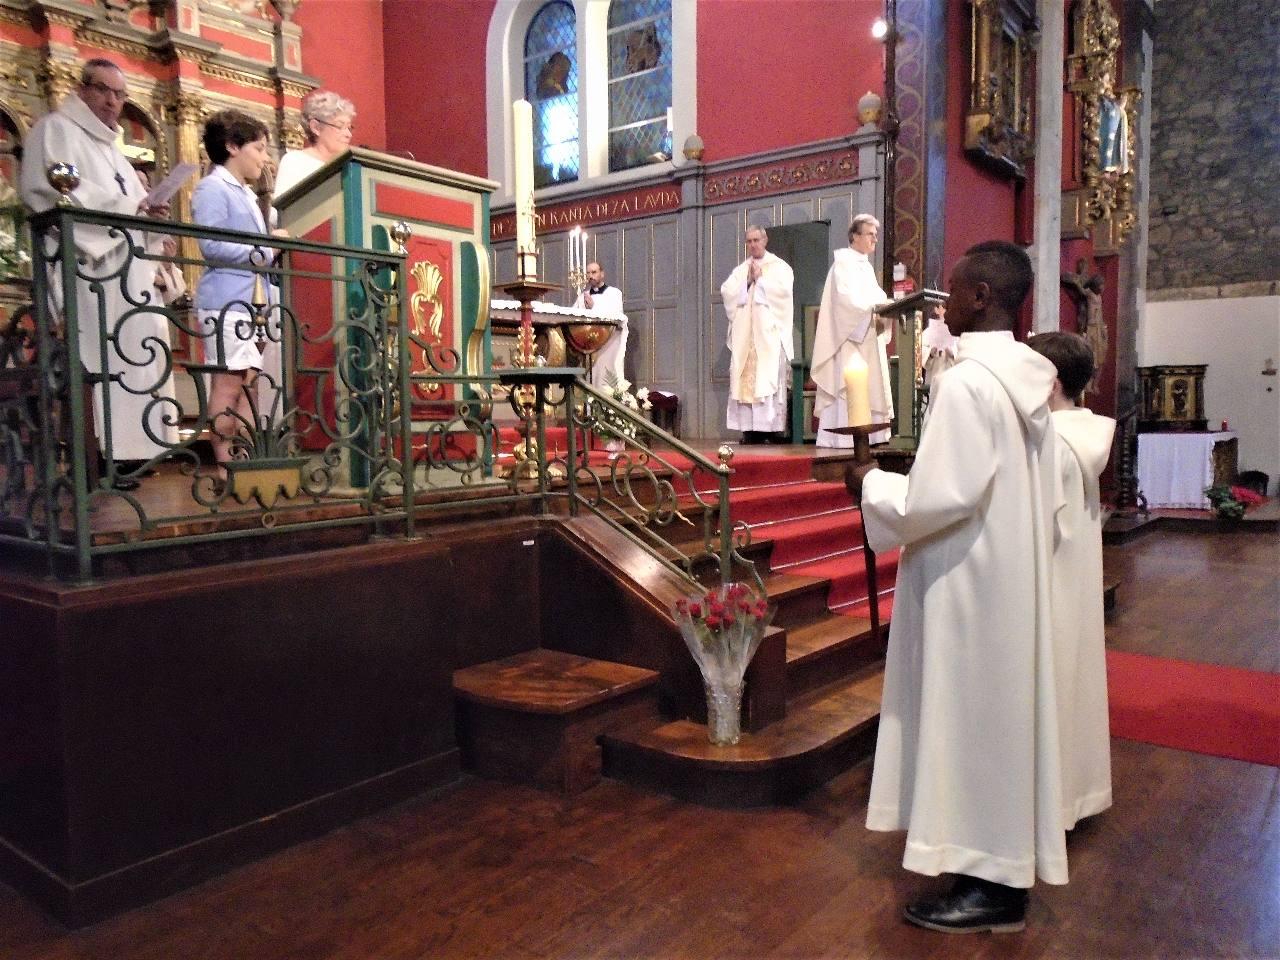 ... Paul ; et le célébrant, bien sûr, l'abbé Jean-Marc